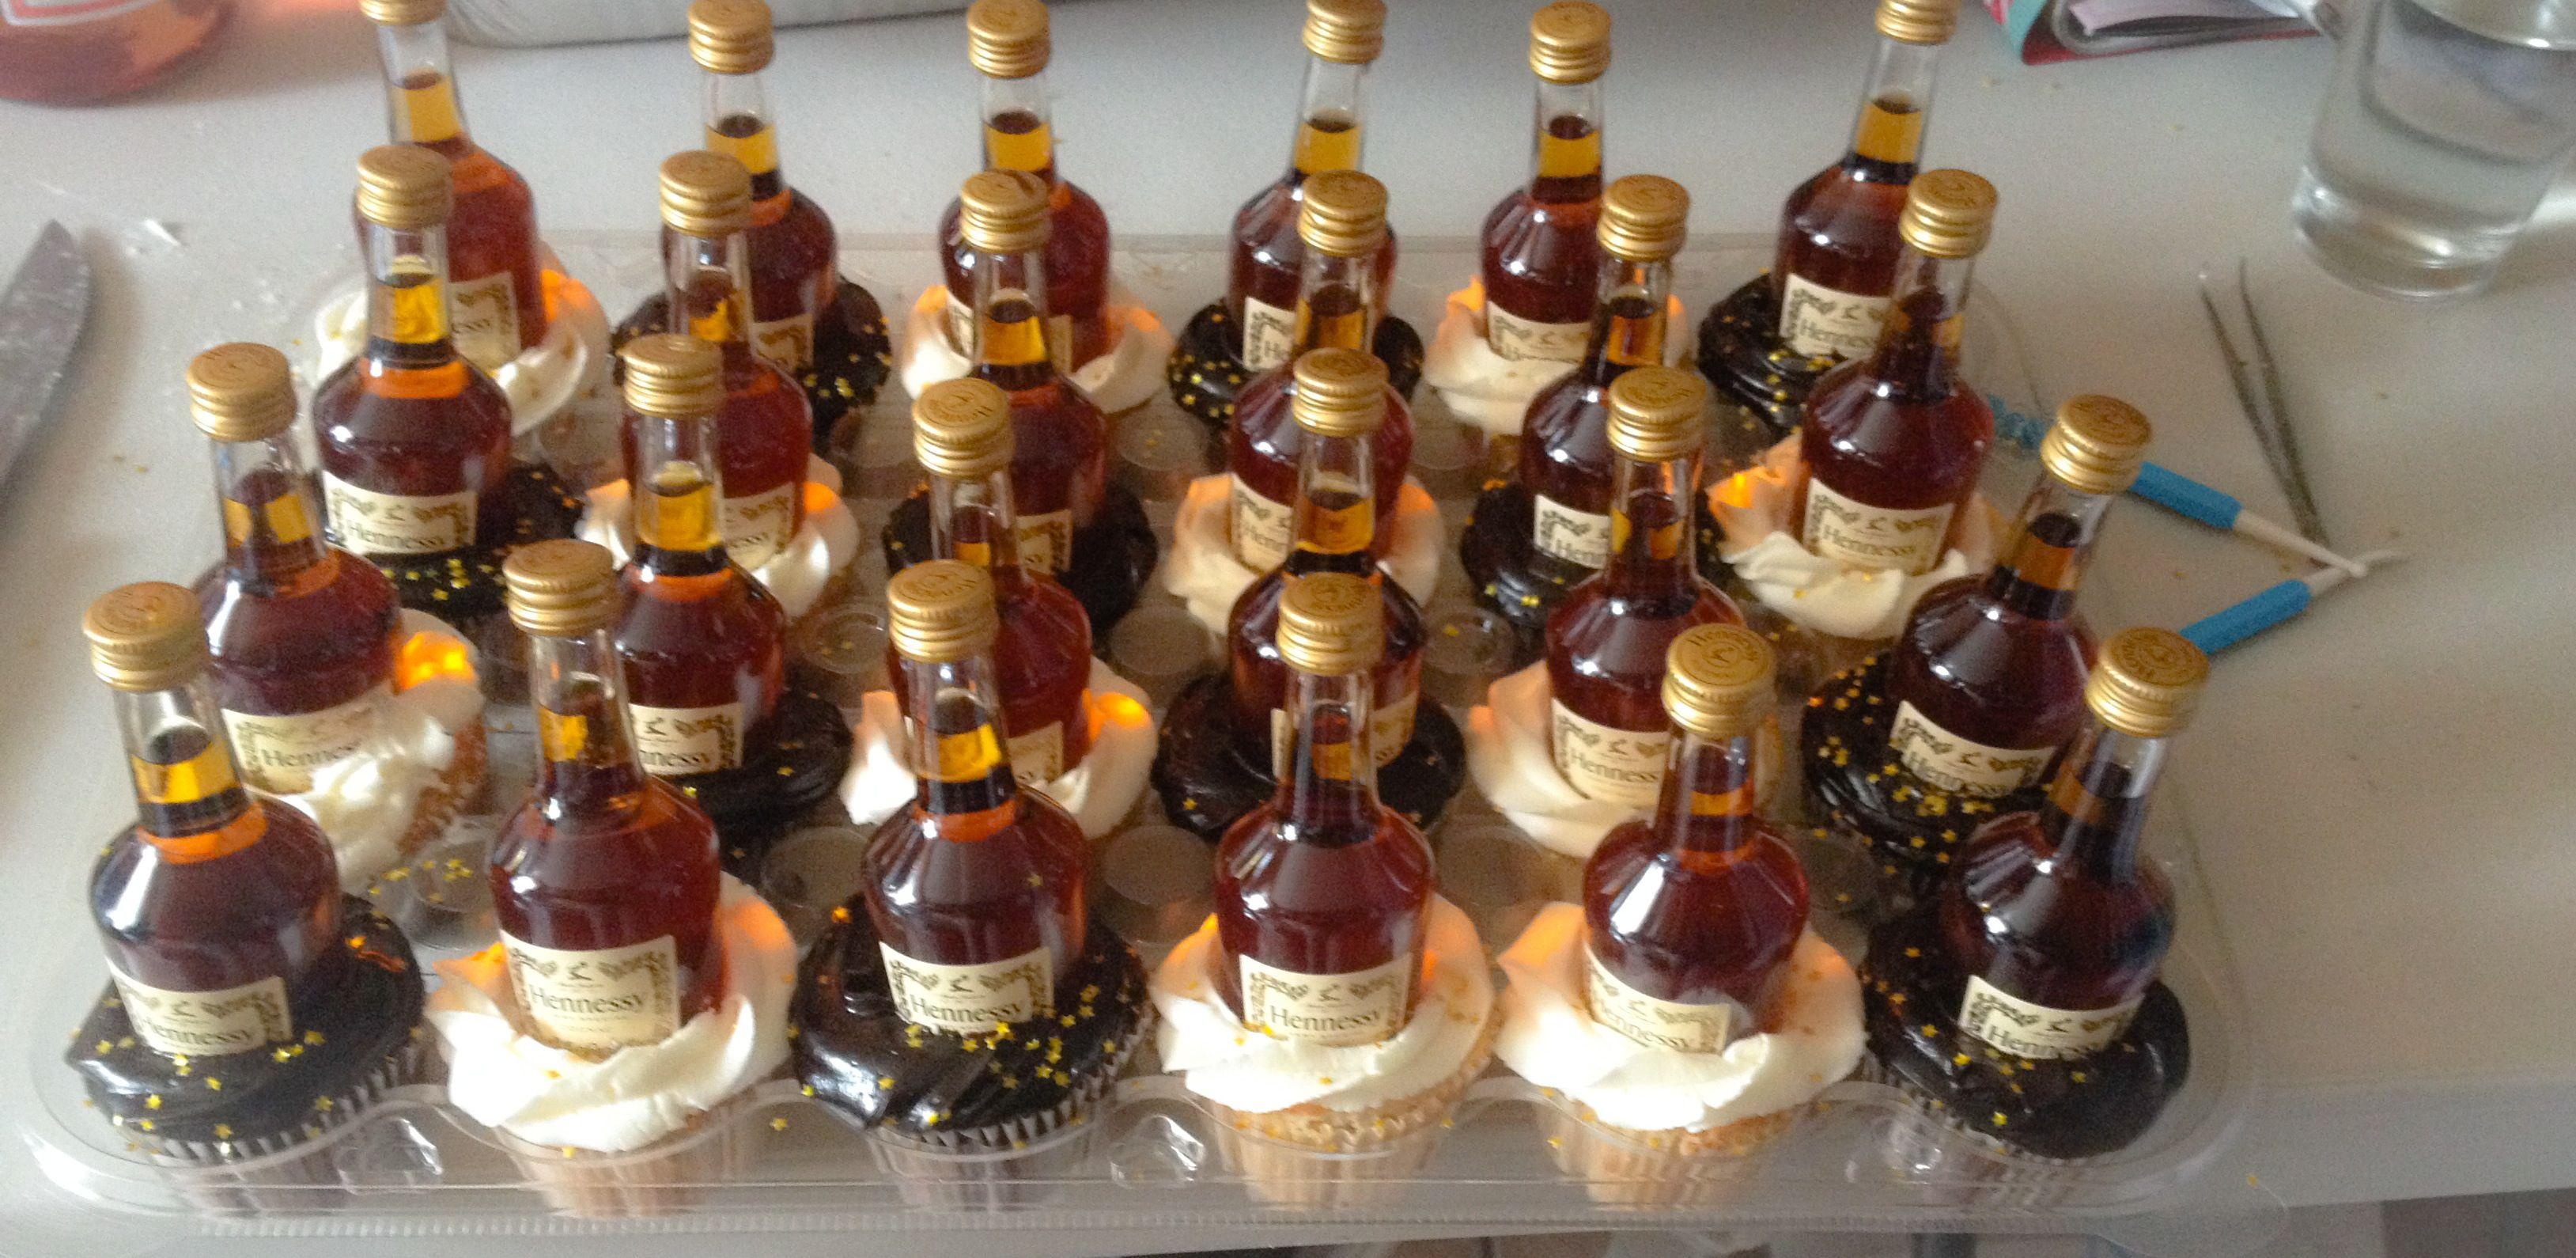 Hennessy cupcakes chocolatecupcakes vanillacupcakes birthday hennycakes